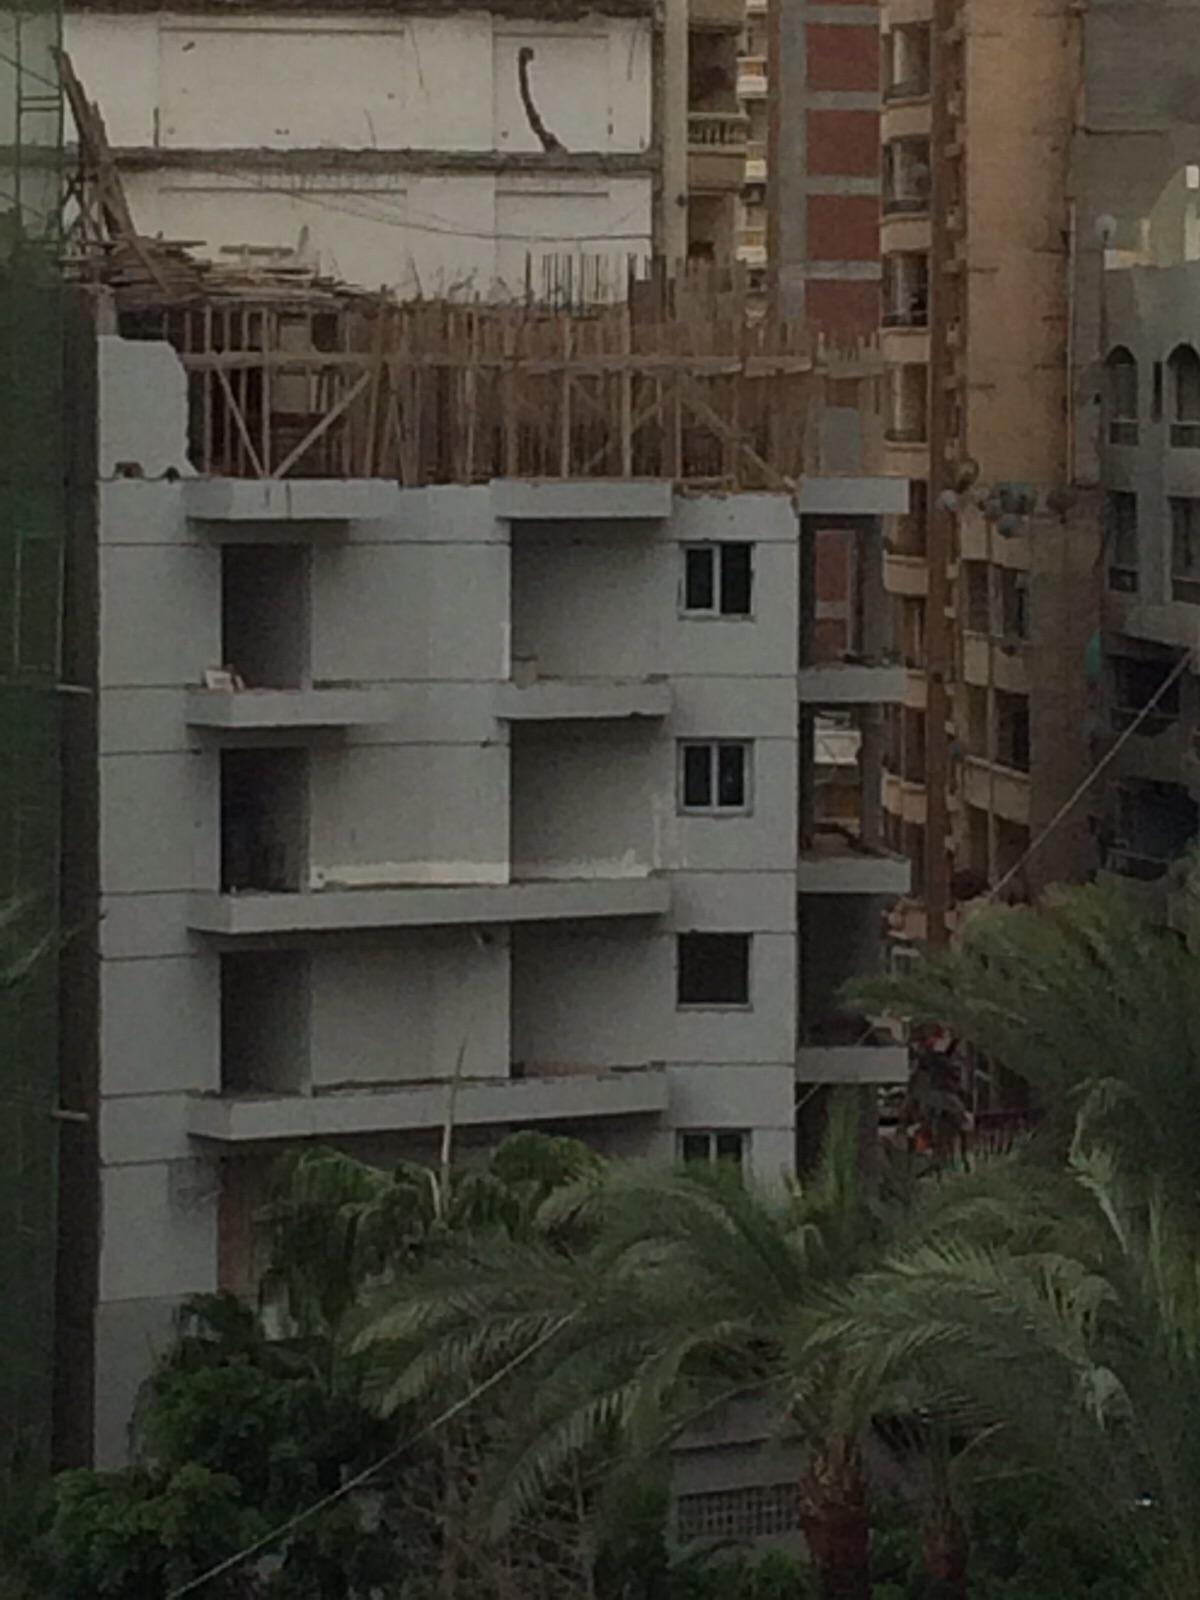 عودة العمل في عقار مخالف بالإسكندرية بعد صدور قرار بإزالة أدوار منه